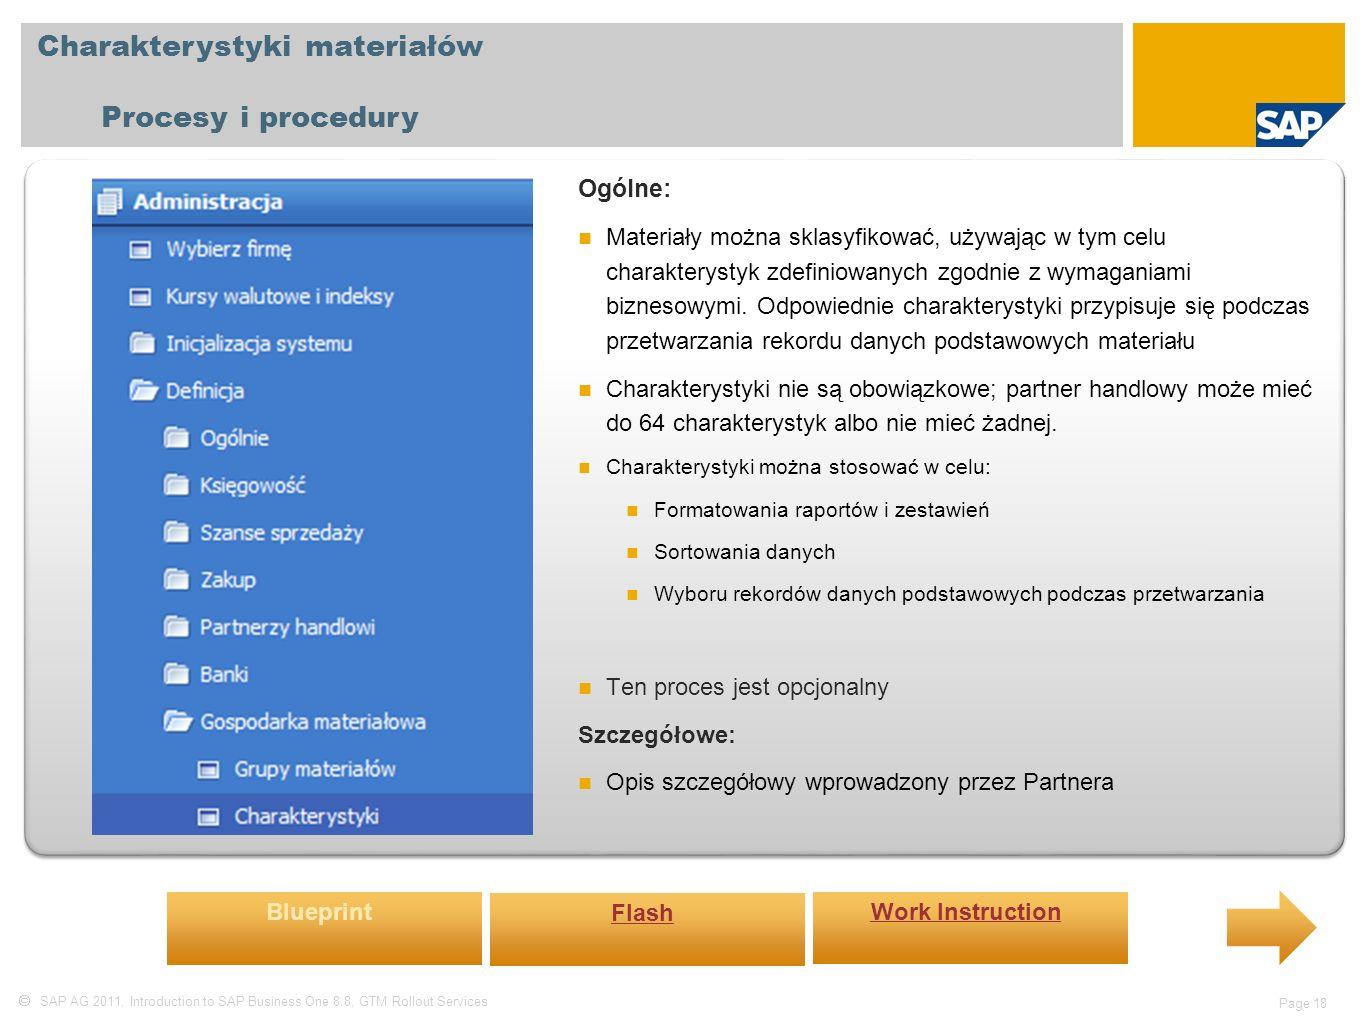  SAP AG 2011, Introduction to SAP Business One 8.8, GTM Rollout Services Page 18 Charakterystyki materiałów Procesy i procedury Ogólne: Materiały można sklasyfikować, używając w tym celu charakterystyk zdefiniowanych zgodnie z wymaganiami biznesowymi.